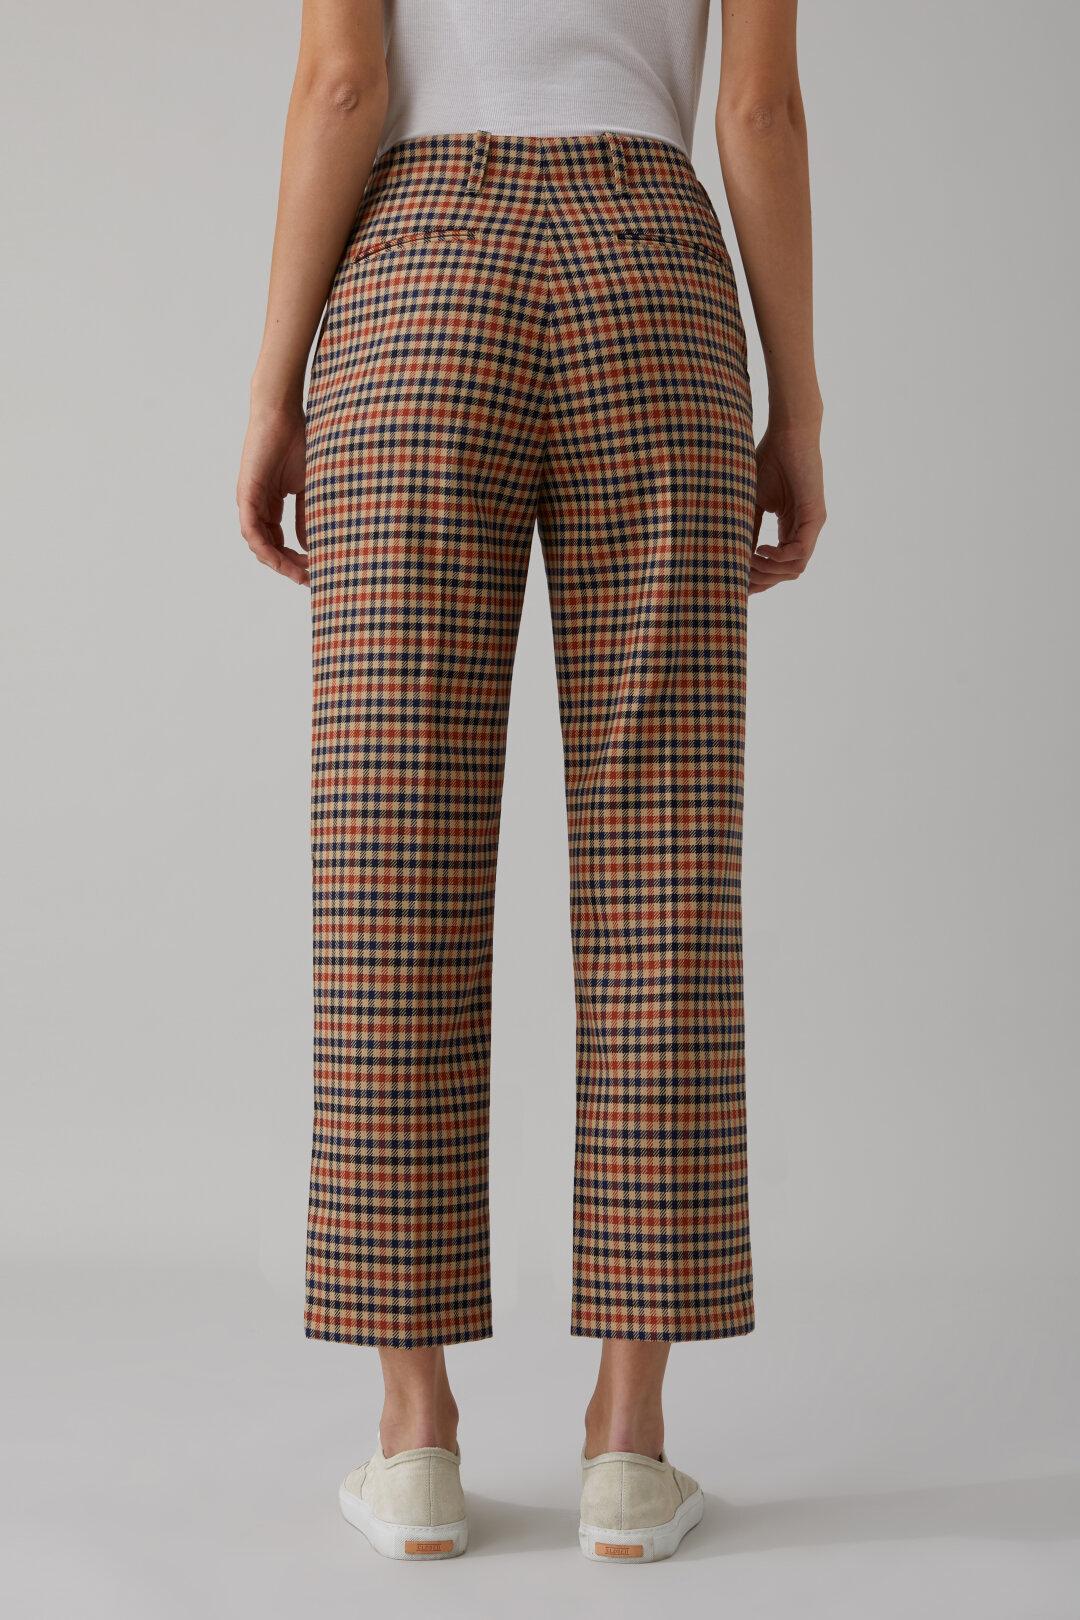 Pants Bertha